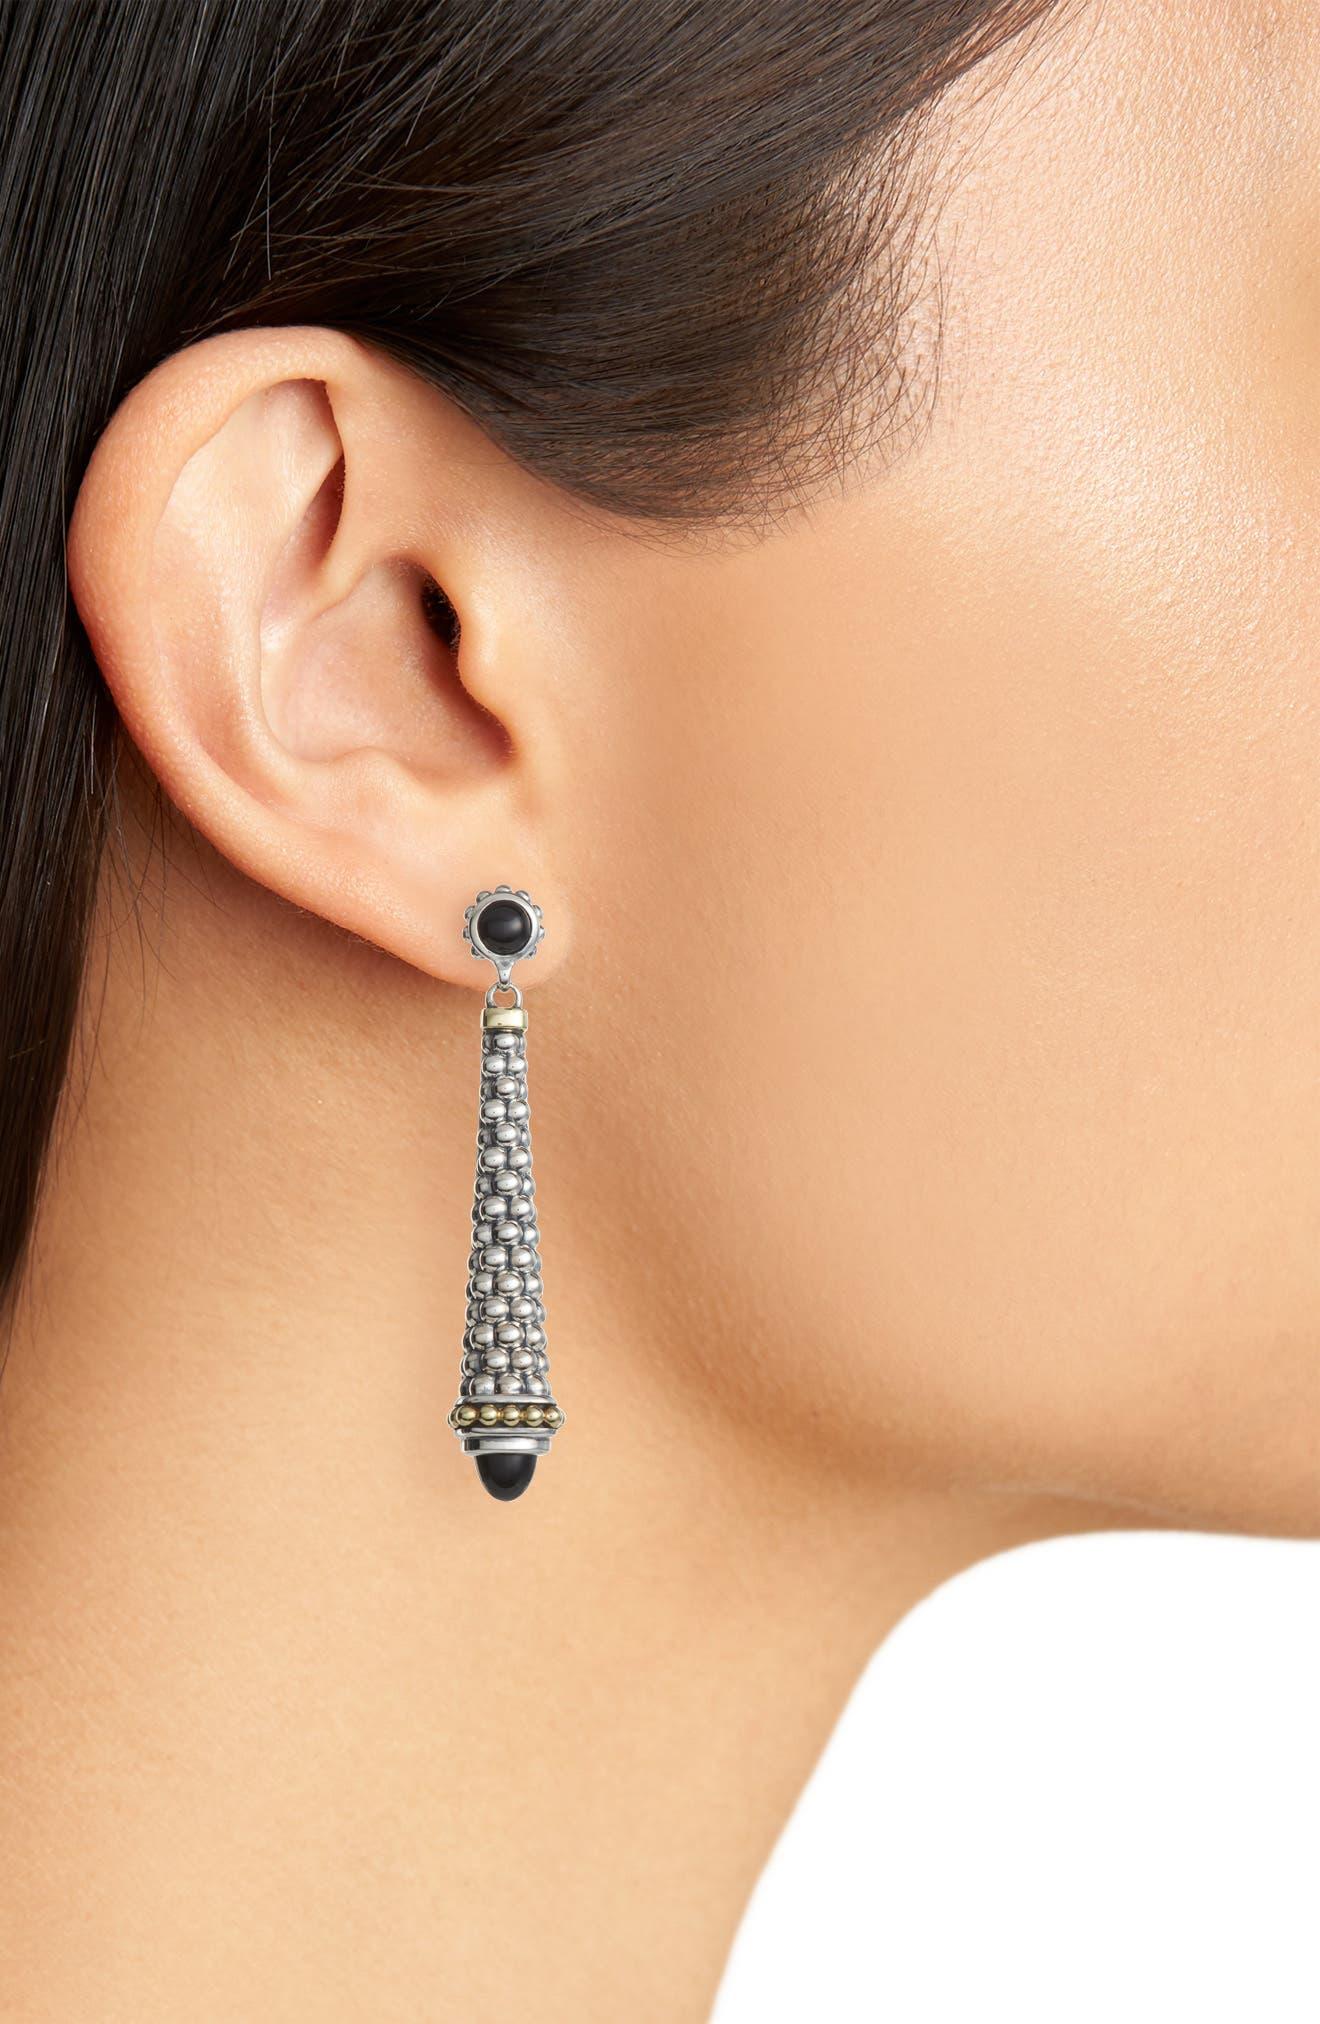 Signature Caviar Stone Cap Drop Earrings,                             Alternate thumbnail 3, color,                             SILVER/ BLACK ONYX